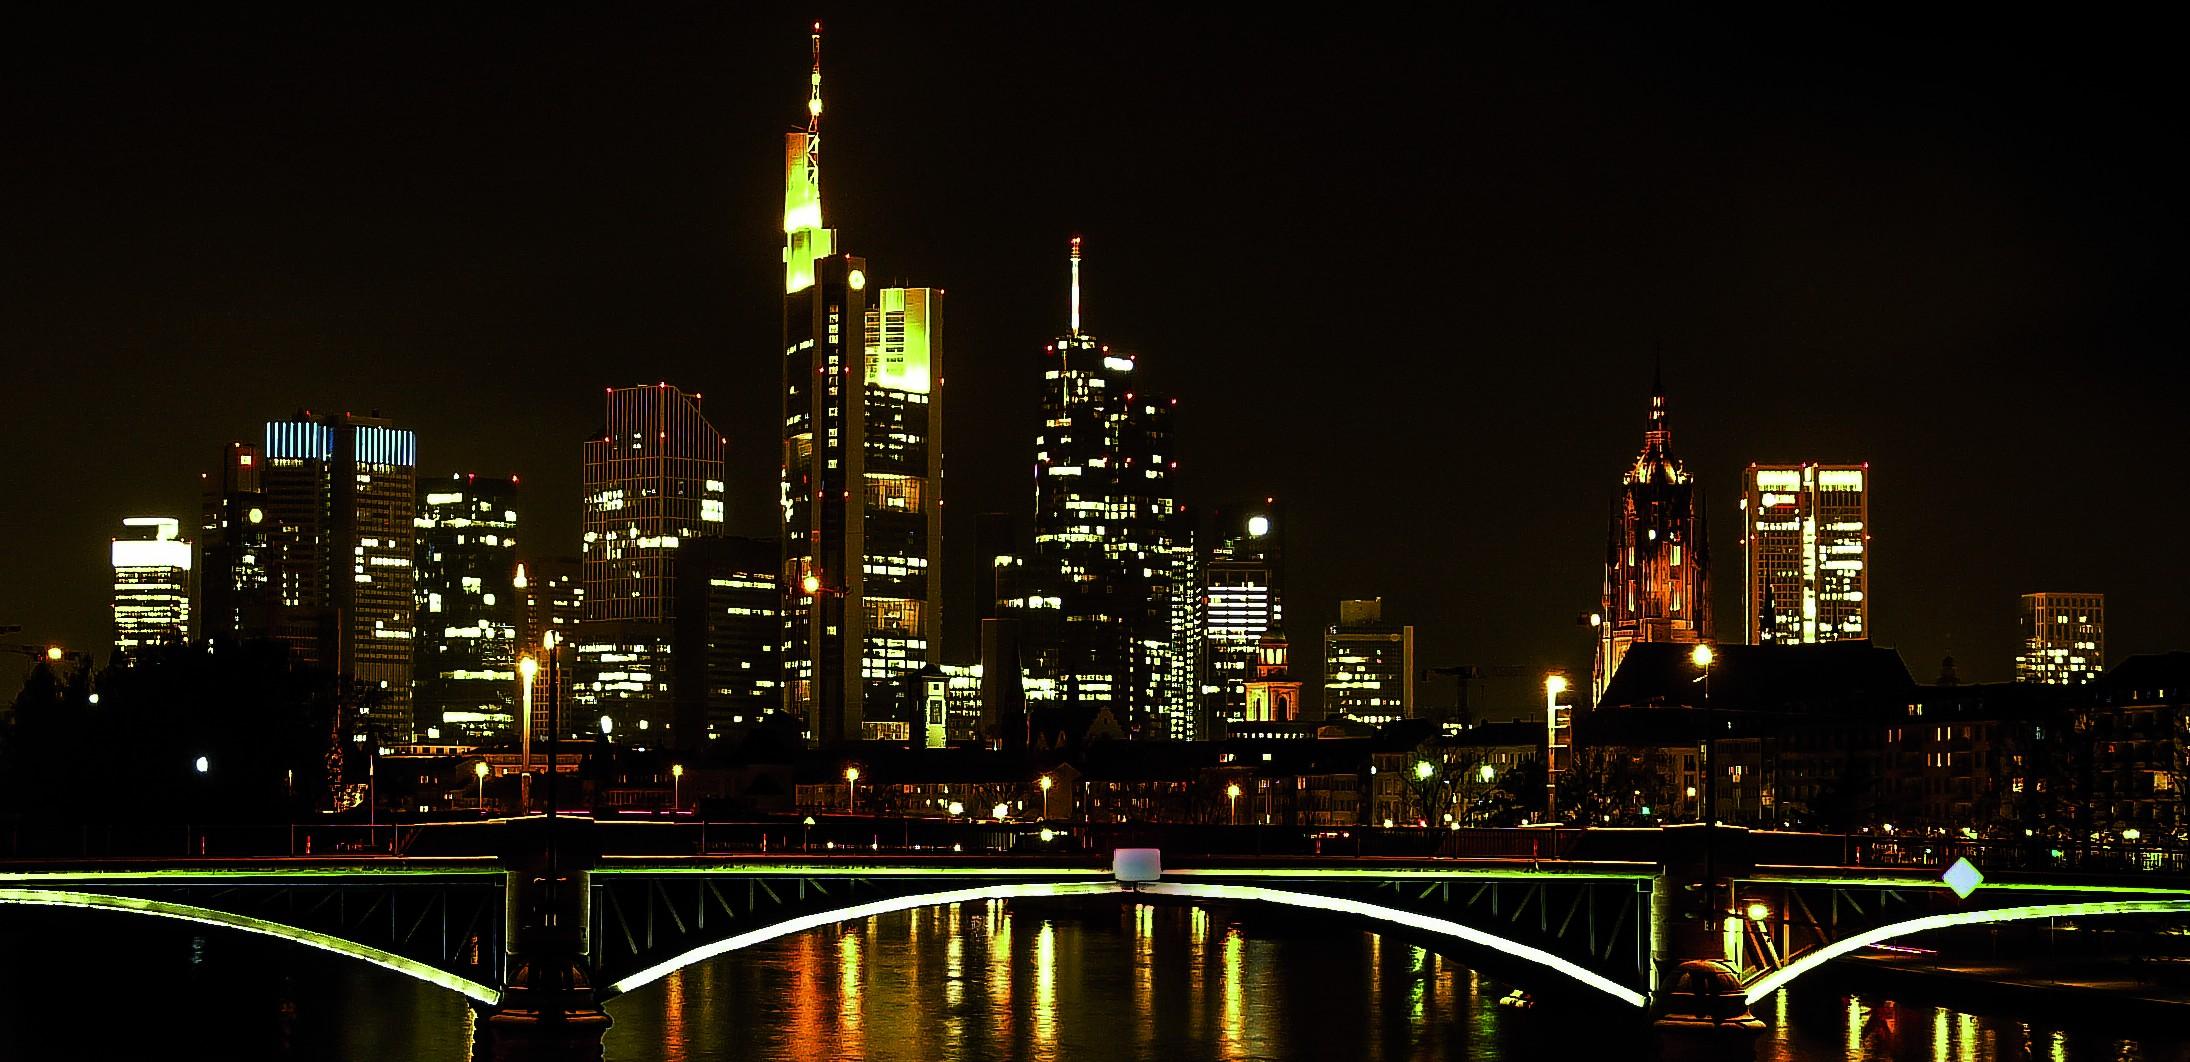 In der Volkswirtschaftslehre dominiert die neoklassische Schule Lehre und Forschung. Foto: Flickr.com/gabri_micha (https://www.flickr.com/photos/gabri_micha/13933027613/in/album-72157612076248822/) Lizenz: CC BY-NC-SA 2.0 (https://creativecommons.org/licenses/by-nc-sa/2.0/de/)